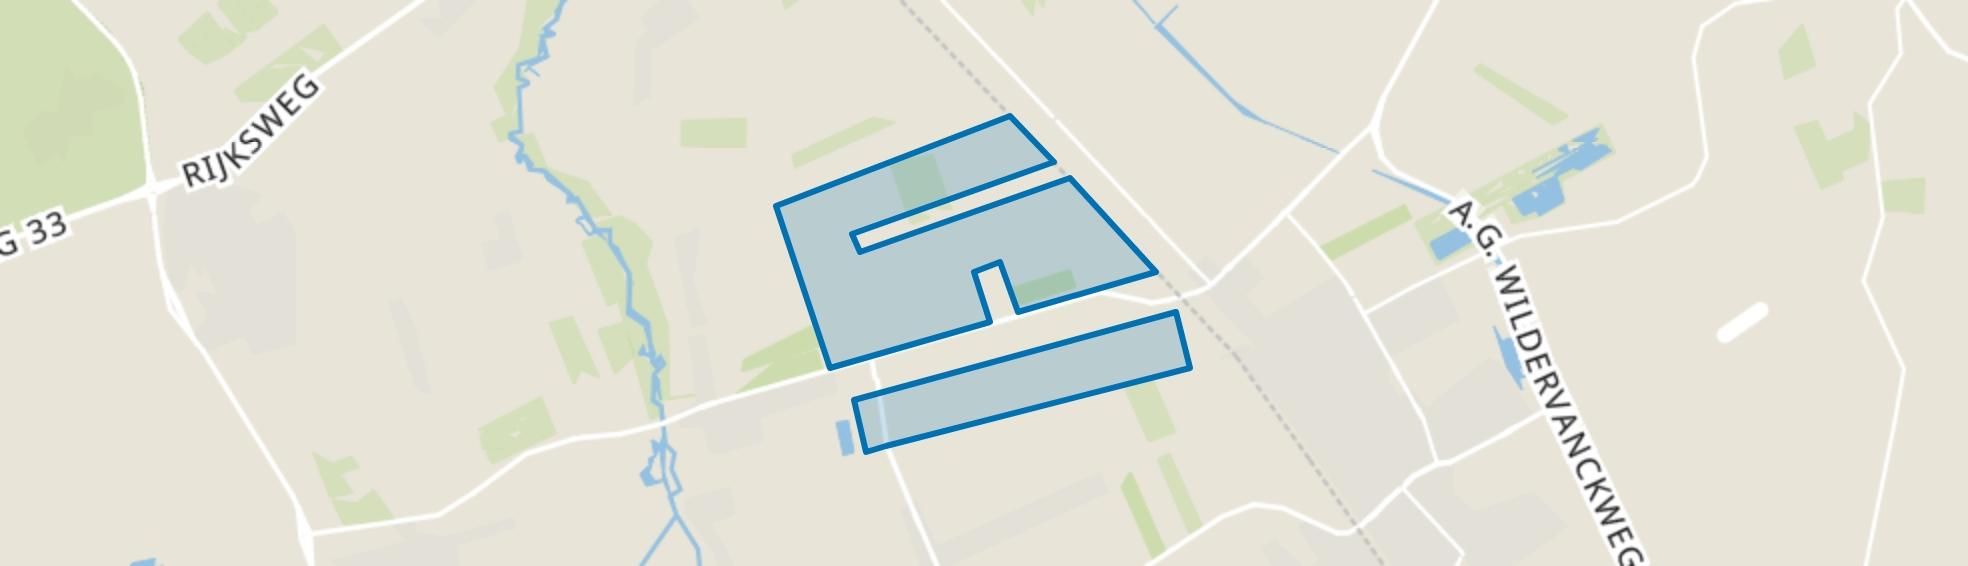 Verspreide huizen Gasselternijveenschemond, Gasselternijveenschemond map